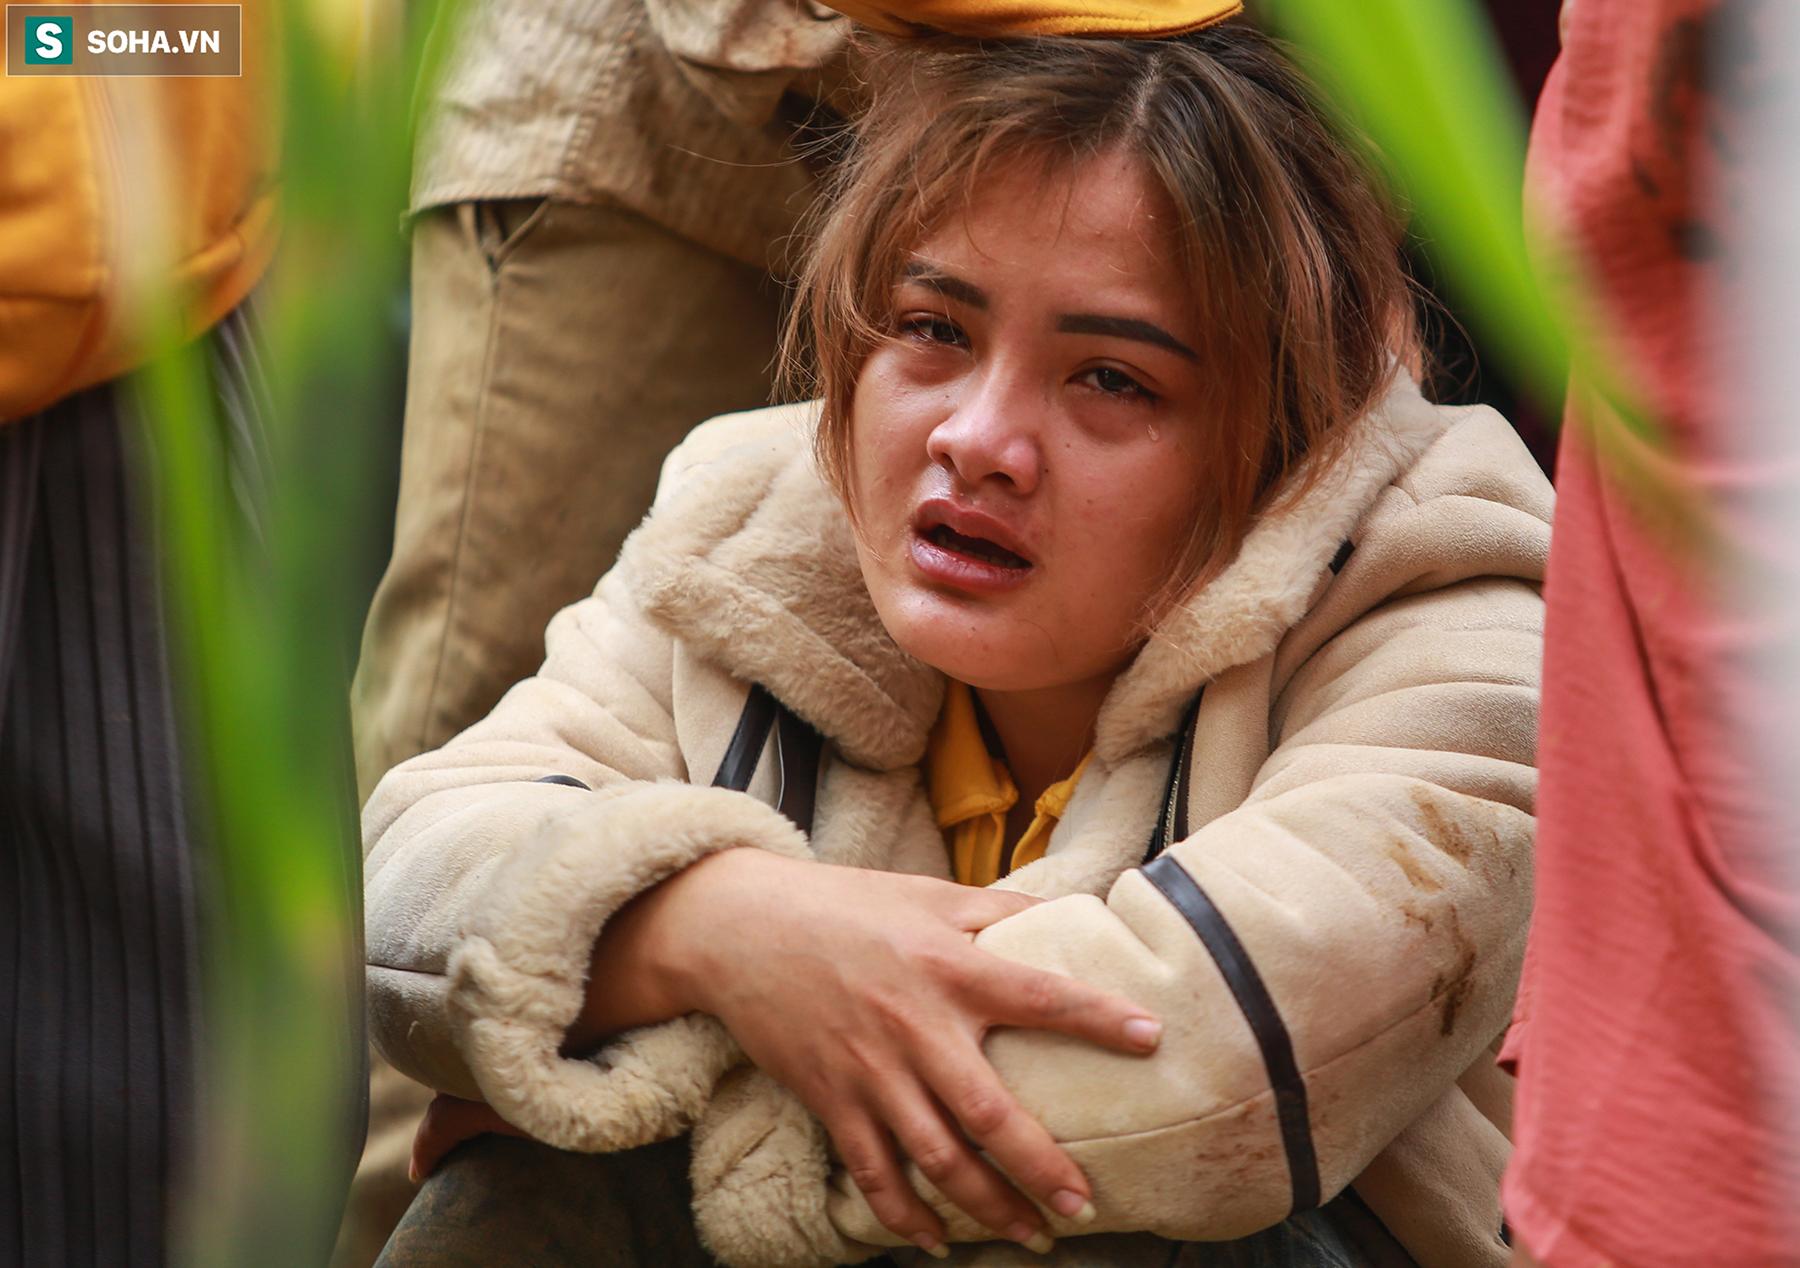 [Ảnh] Dân làng khóc nghẹn khi tìm thấy bé trai 10 tháng tuổi dưới lớp bùn đất vụ sạt lở ở Trà Leng - Ảnh 10